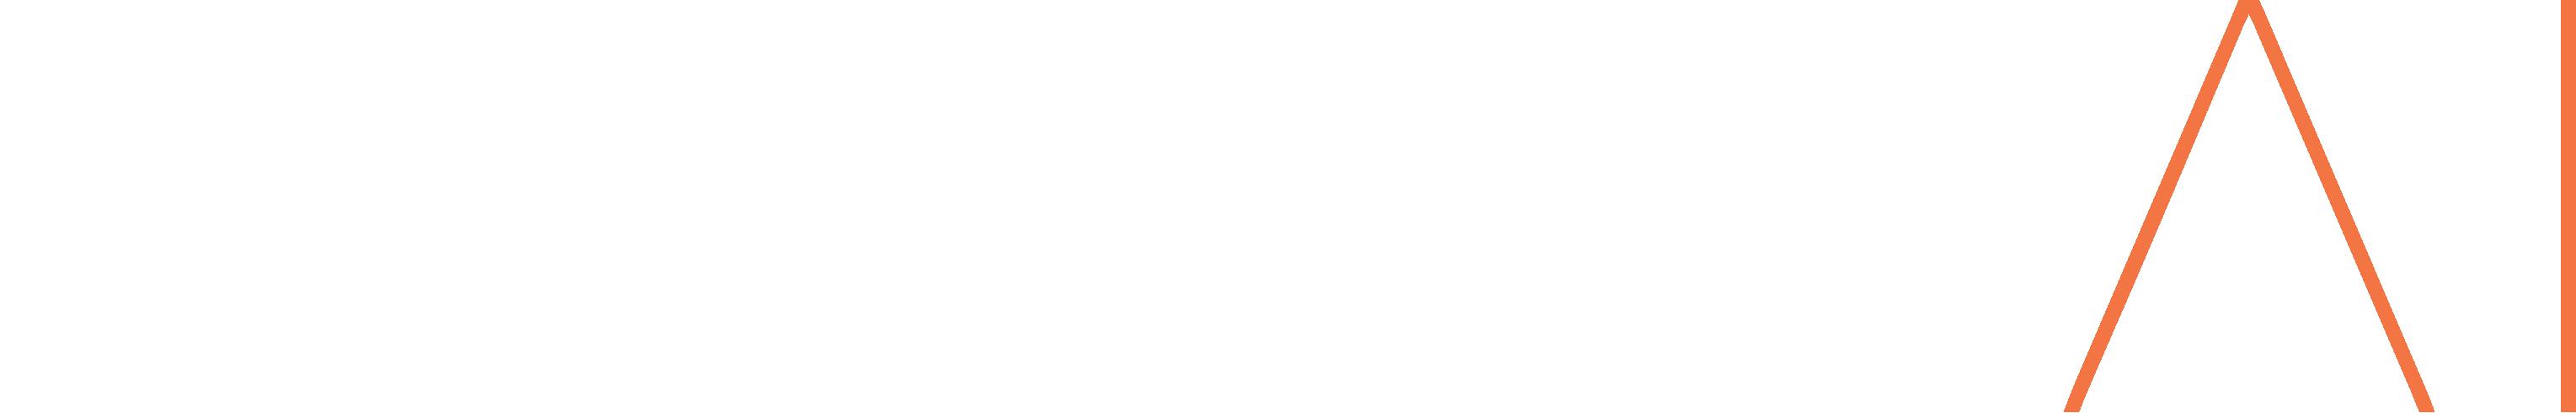 Evolve AI